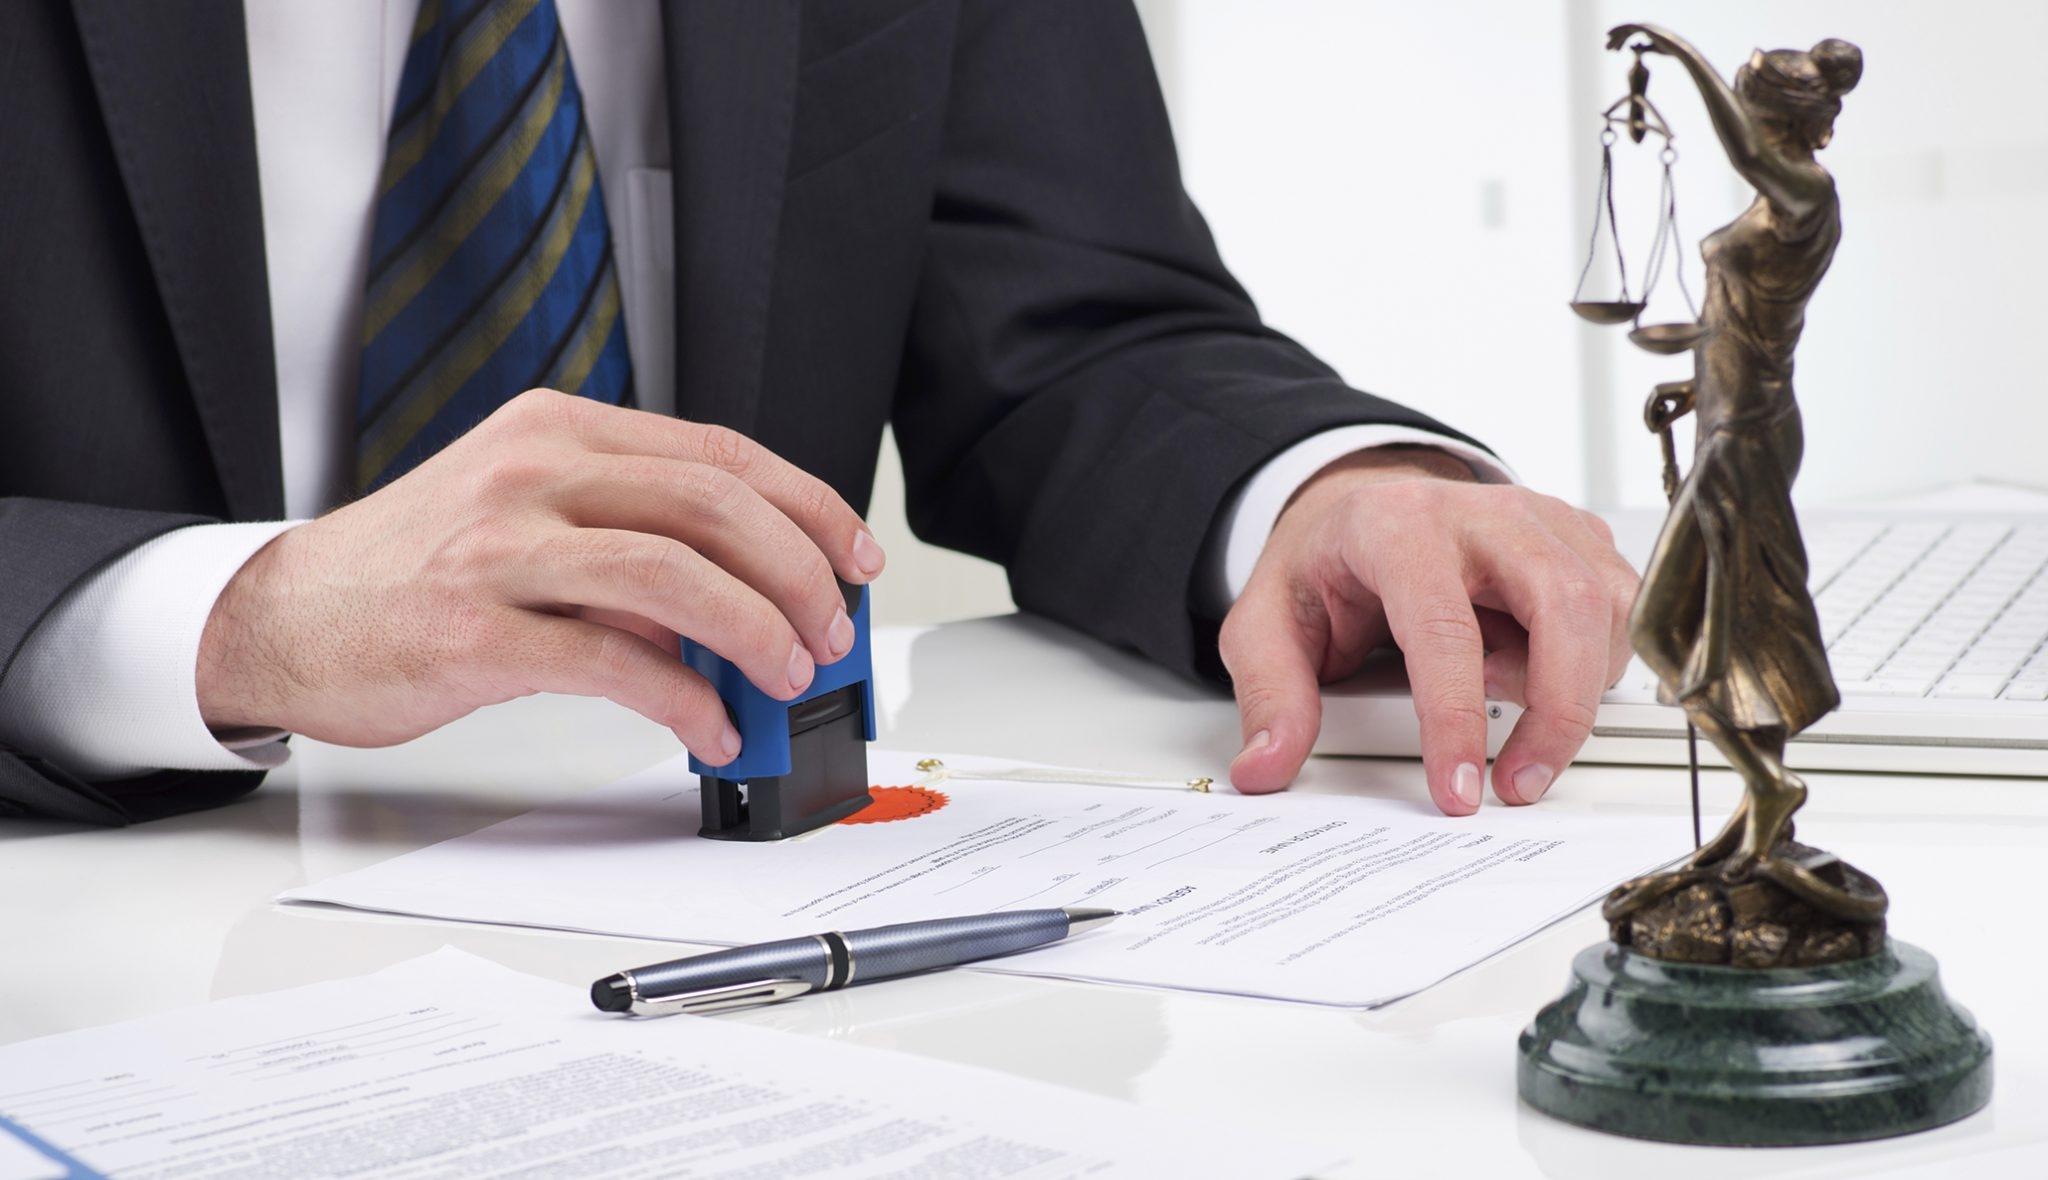 O julgamento é considerado uma das principais apostas para Estados darem fôlego às contas públicas.